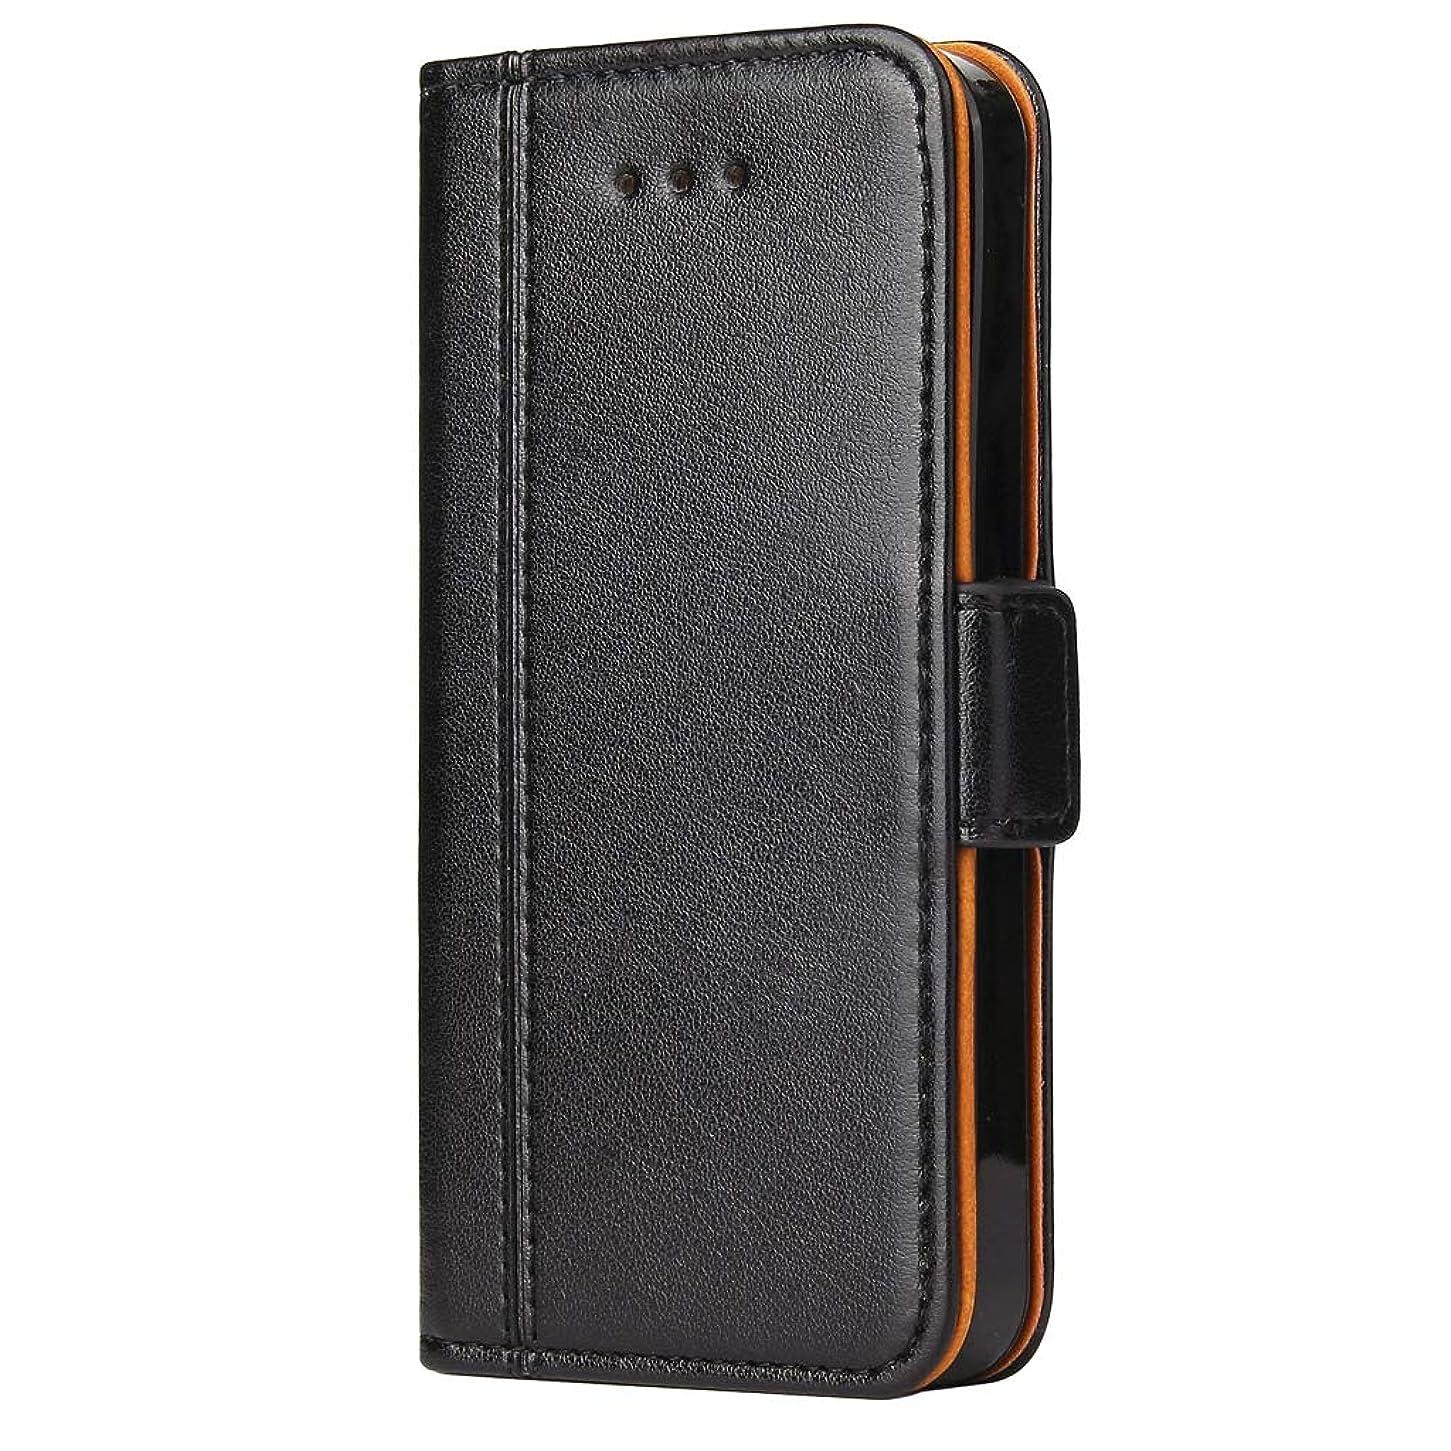 外向きオンスインスタンスBozon iPhone 5 ケース 手帳型 iPhone 5S ケース iPhone SE ケース 財布型 カード収納 マグネット スタンド機能 耐衝撃 [アイフォン 5/5S/SE 対応] 黒